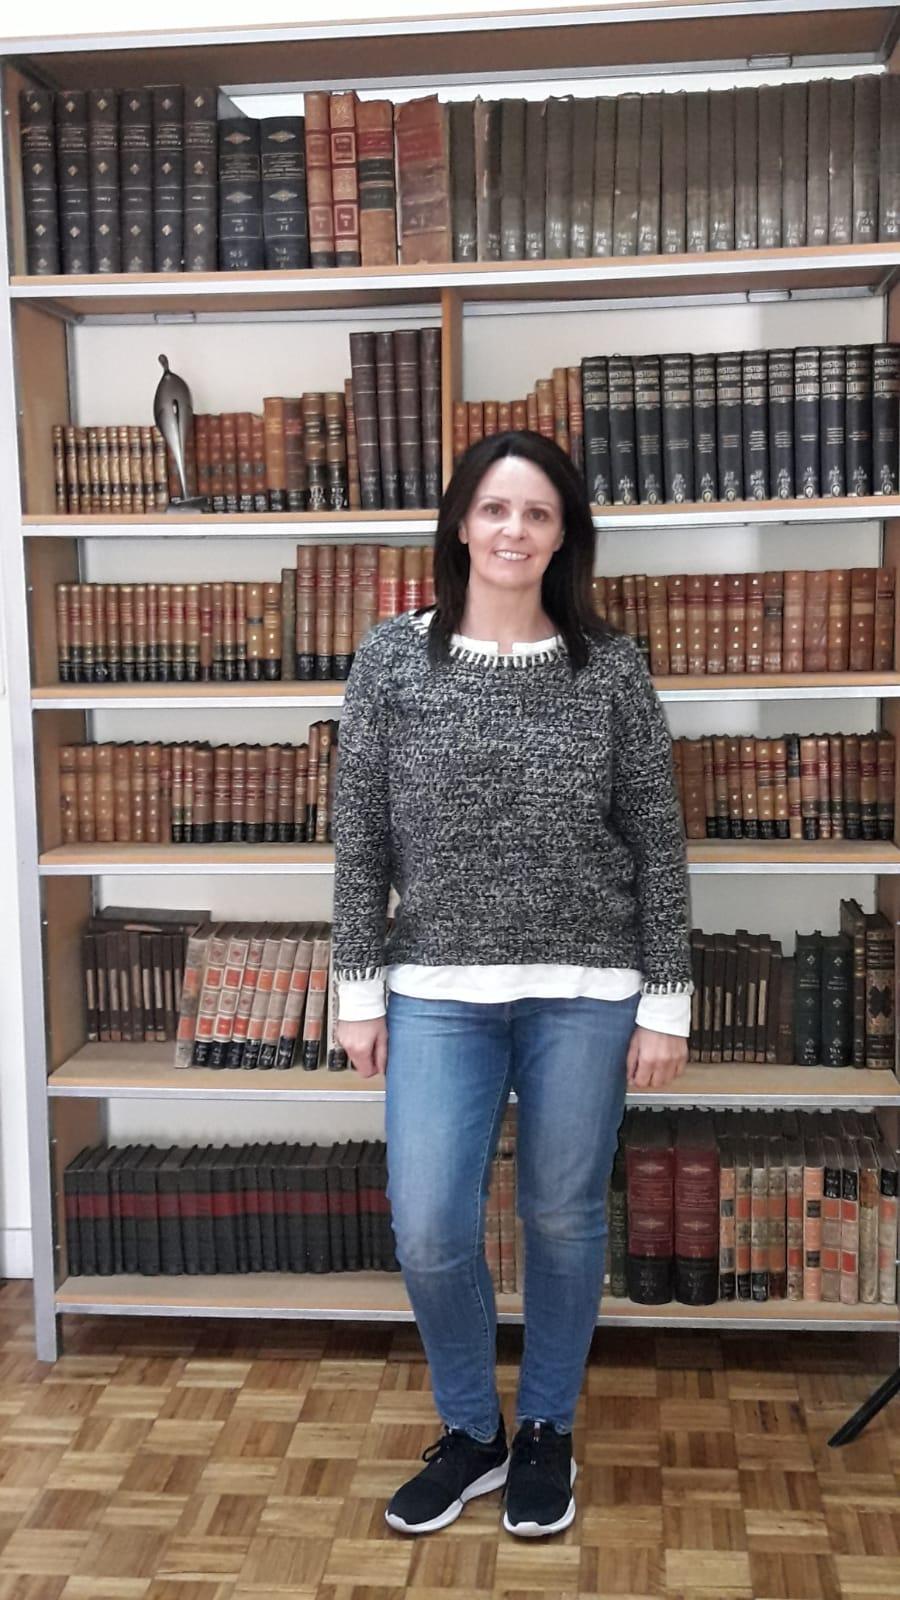 Profesora de Historia y Bibliotecóloga Carolina Díaz en la Biblioteca Departamental